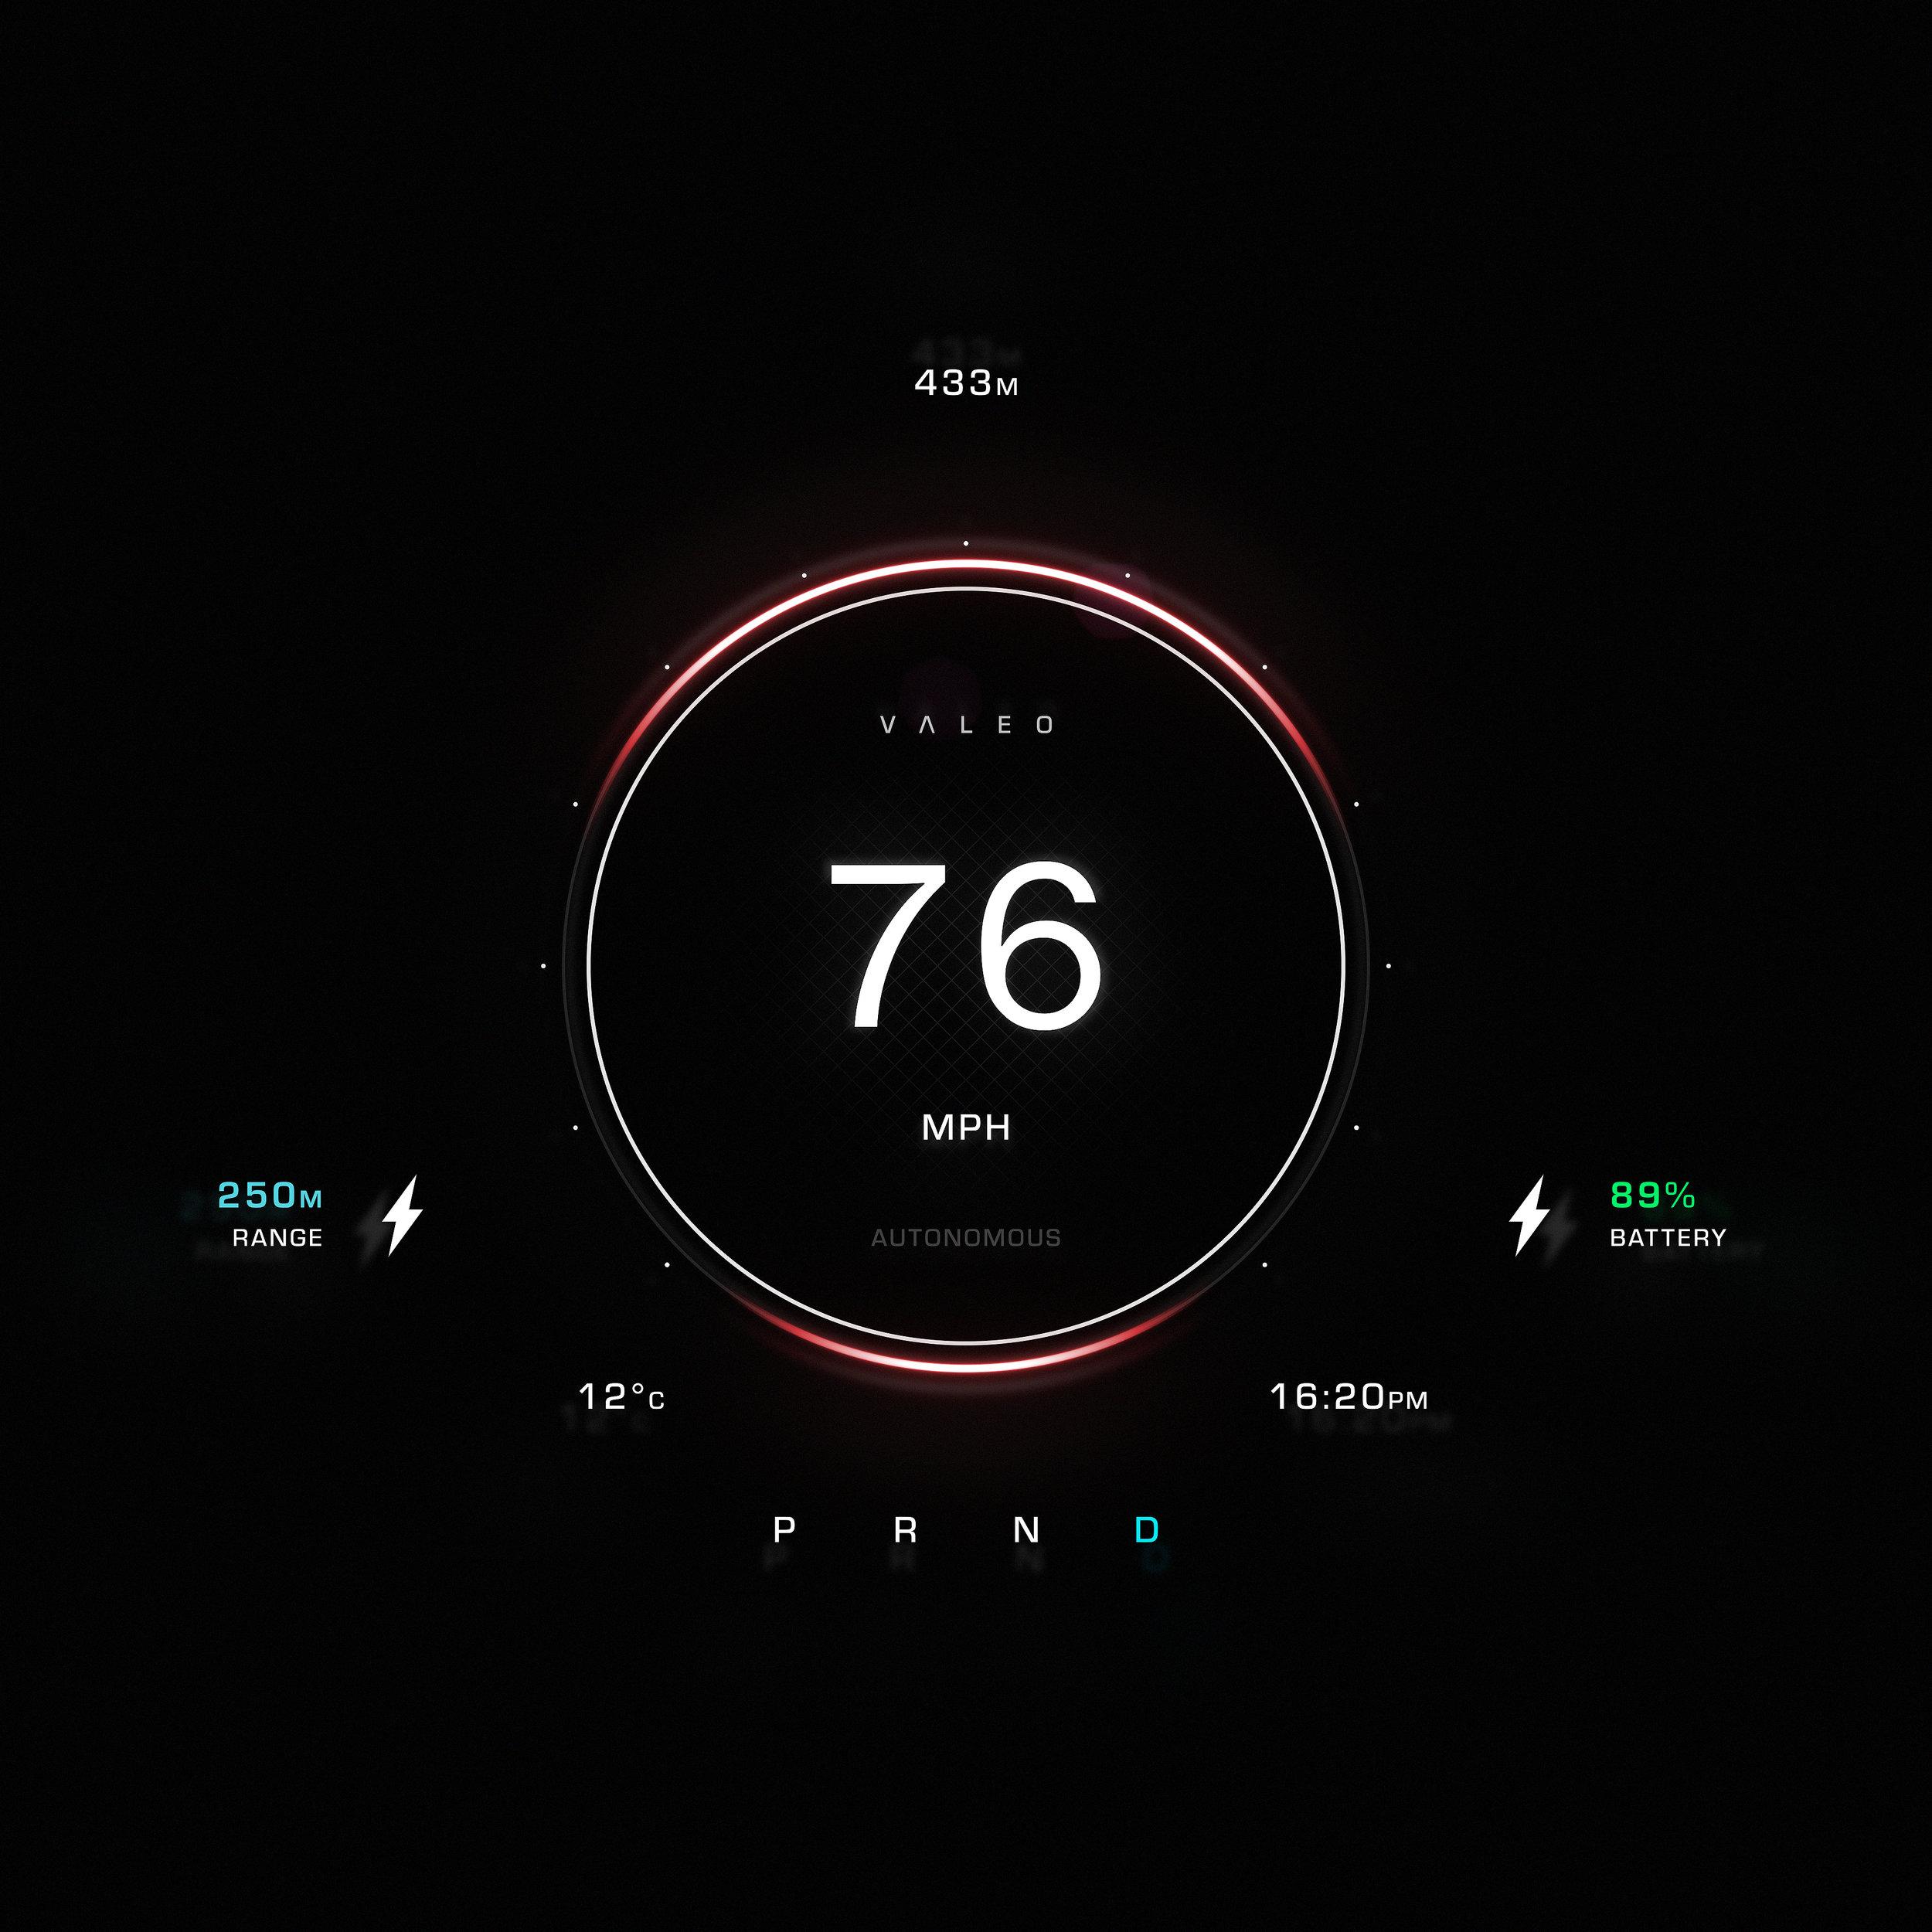 Valeo_Speedometer-manual_01_Treated_01.jpg